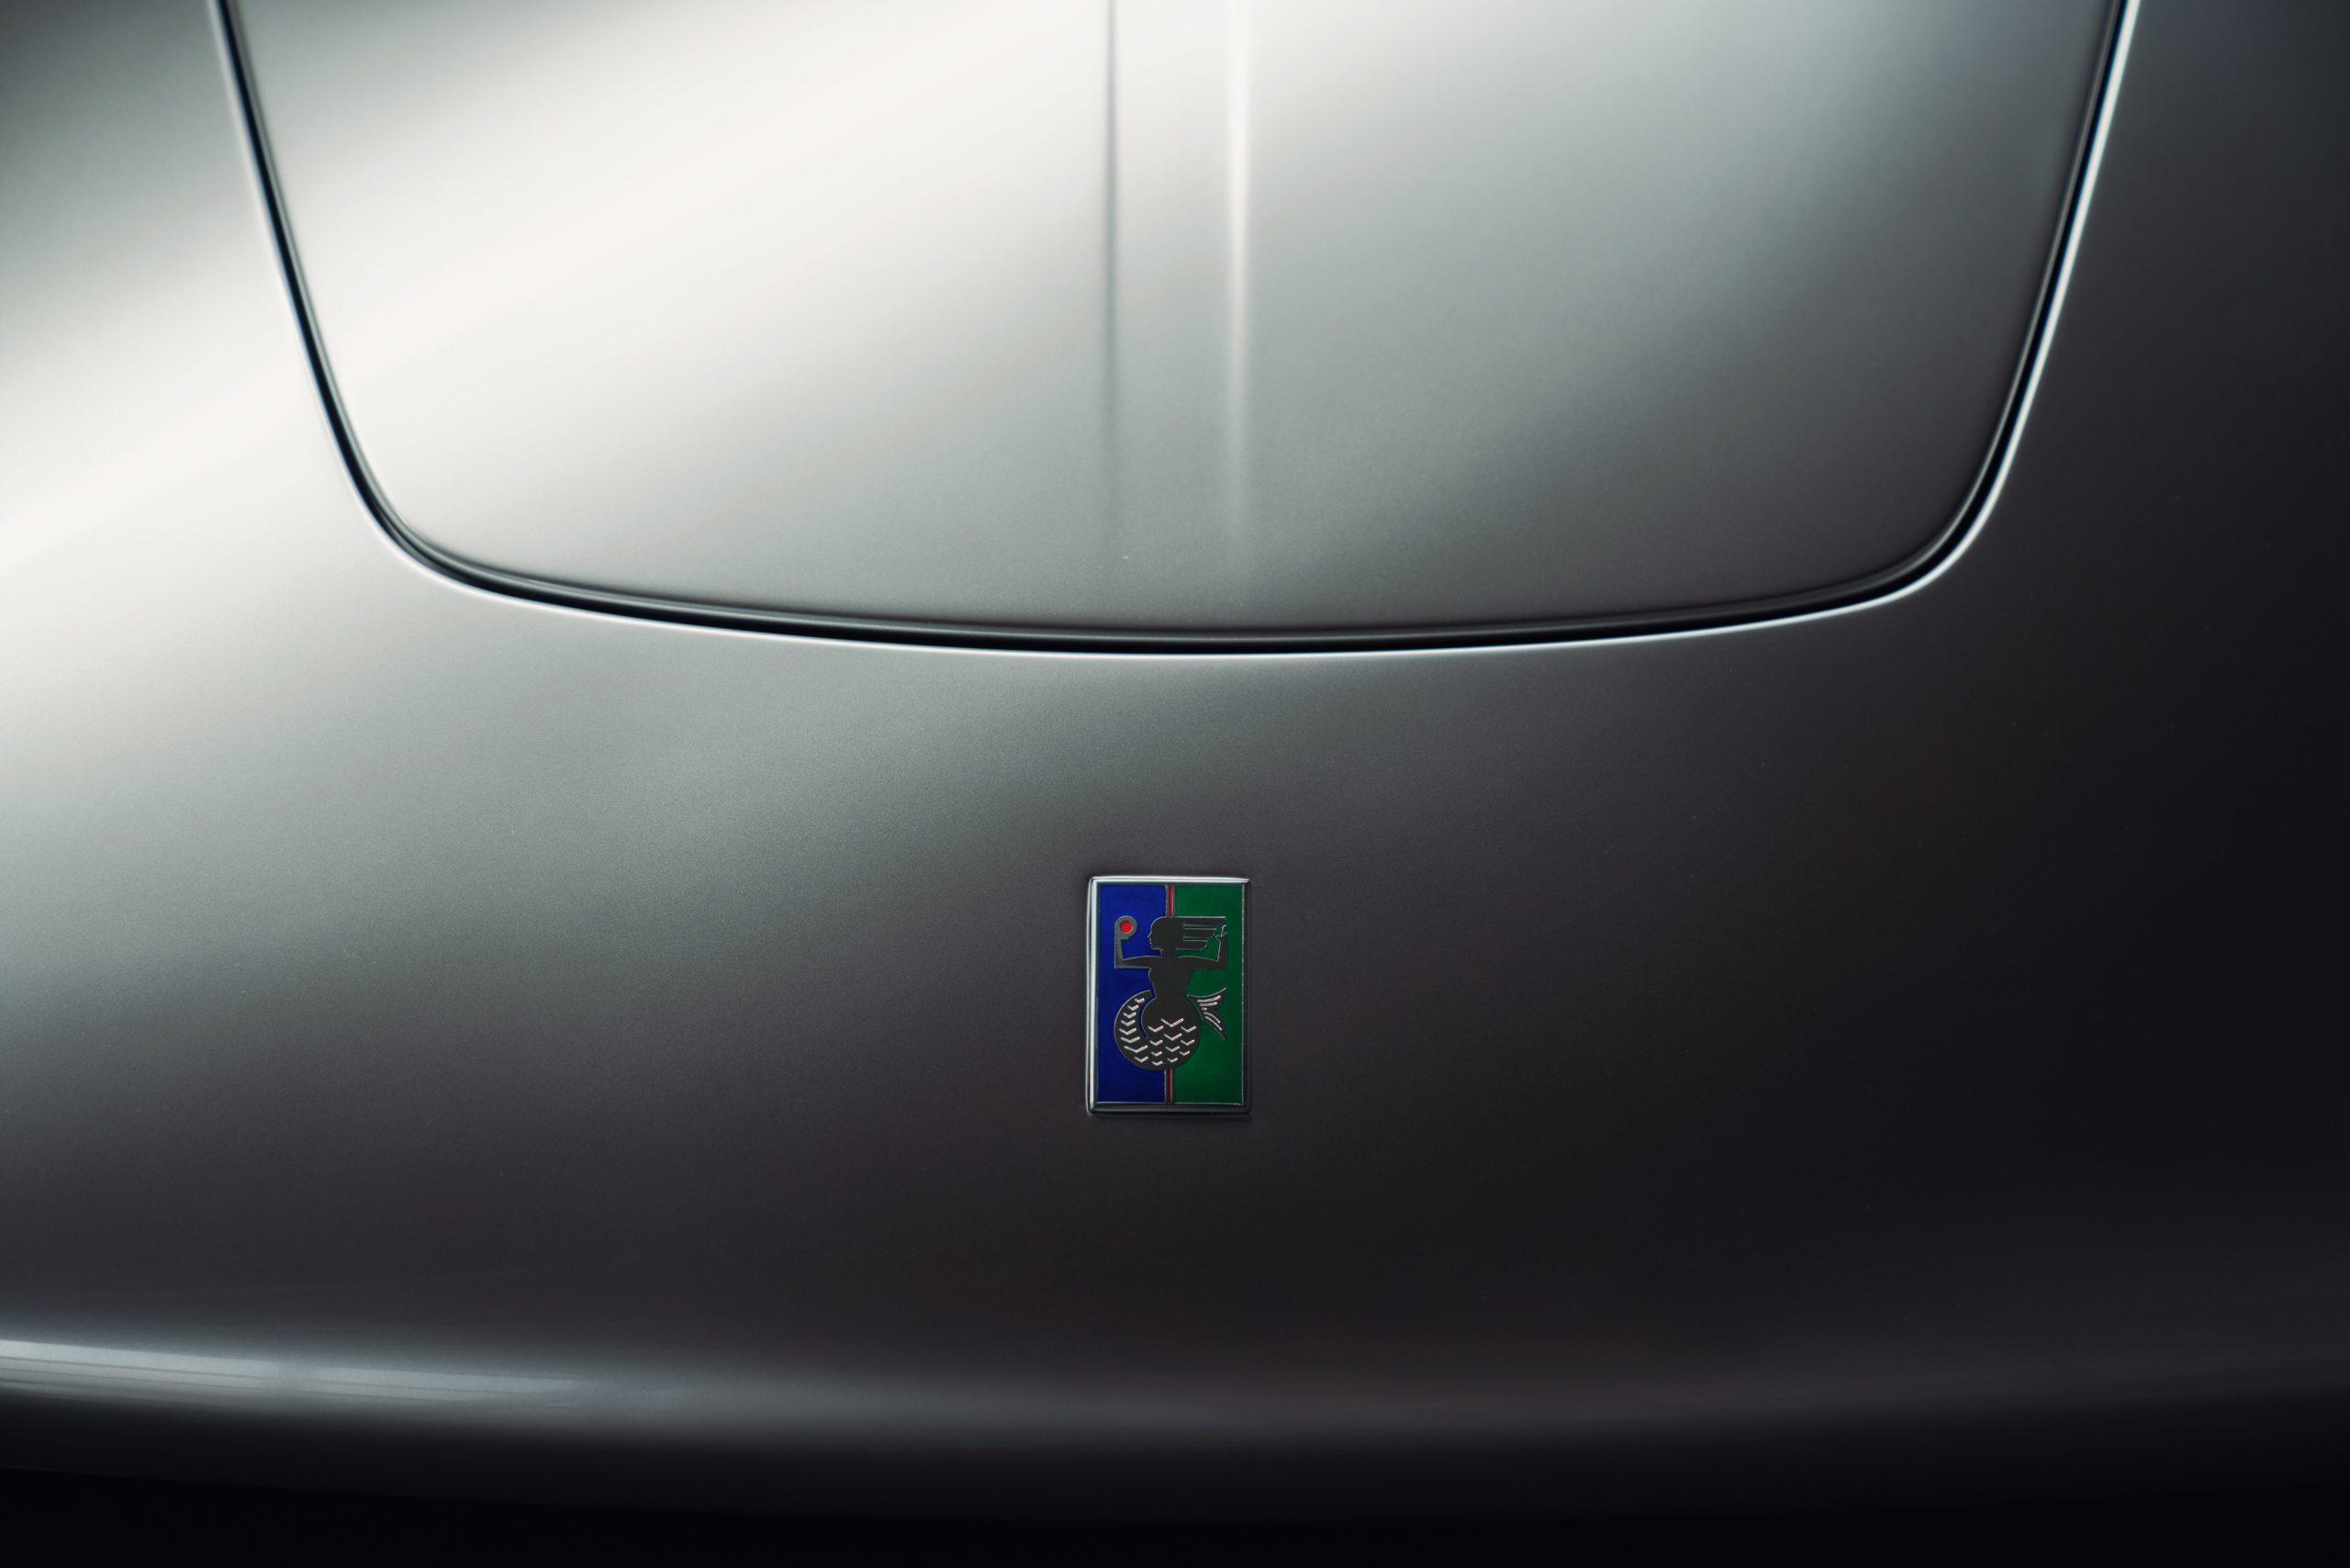 T50 hood emblem